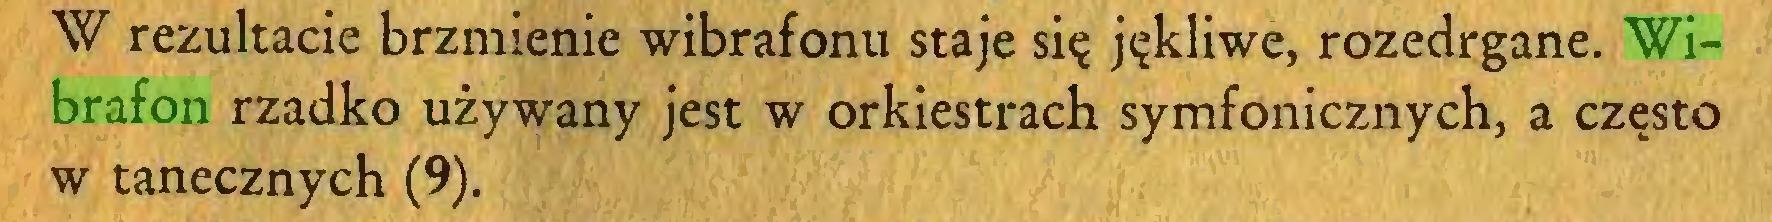 (...) W rezultacie brzmienie wibrafonu staje się jękliwe, rozedrgane. Wibrafon rzadko używany jest w orkiestrach symfonicznych, a często w tanecznych (9)...